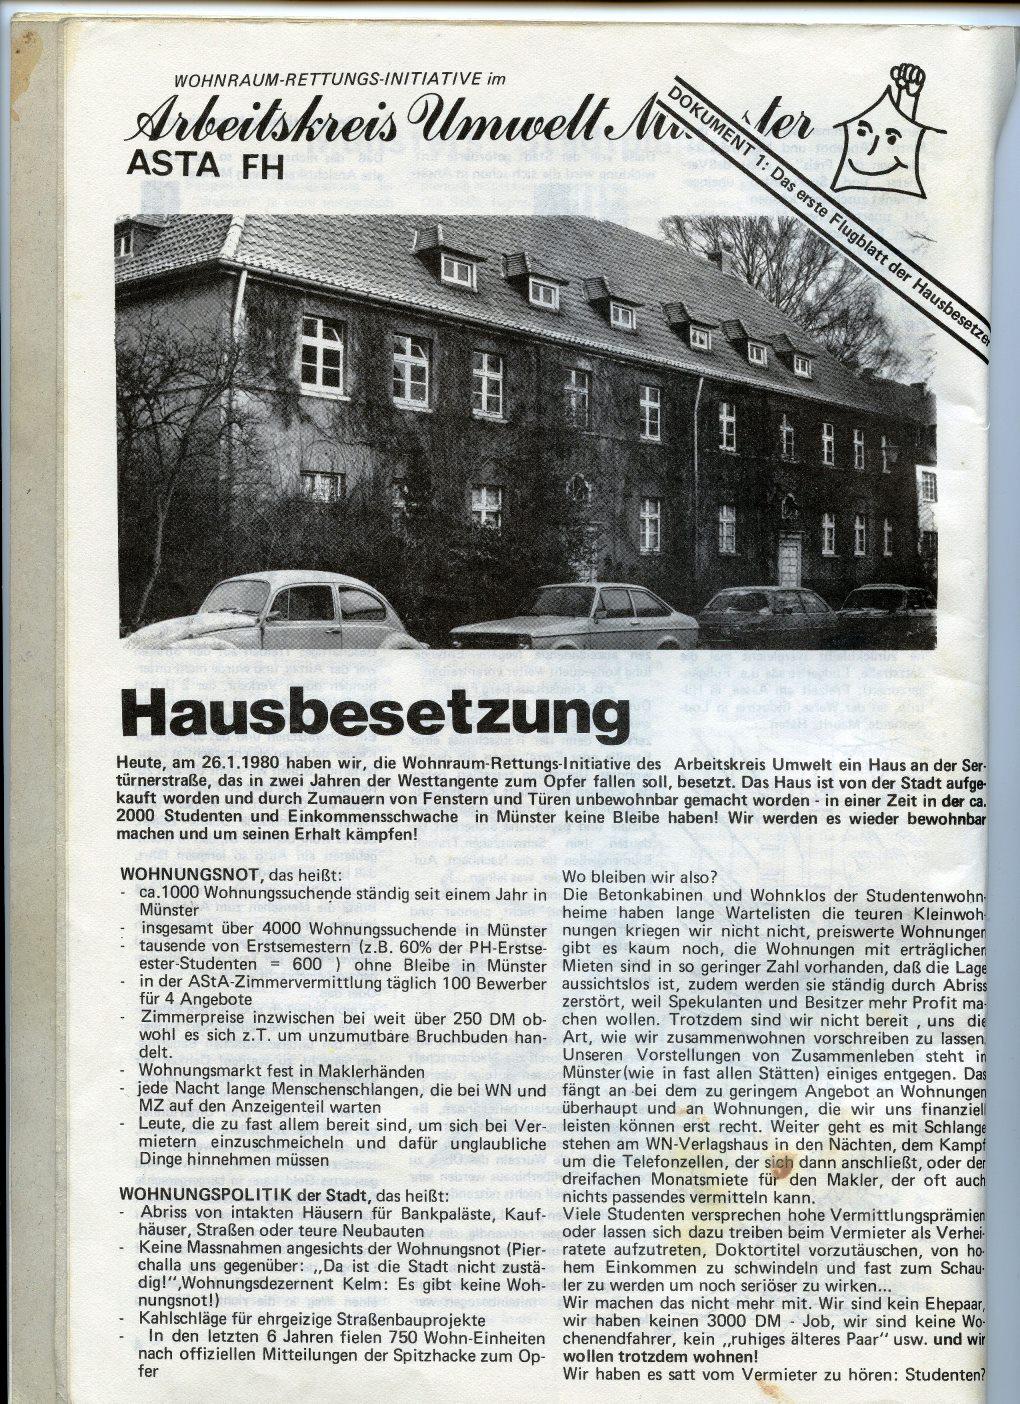 Muenster_Hausbesetzung_1980_06